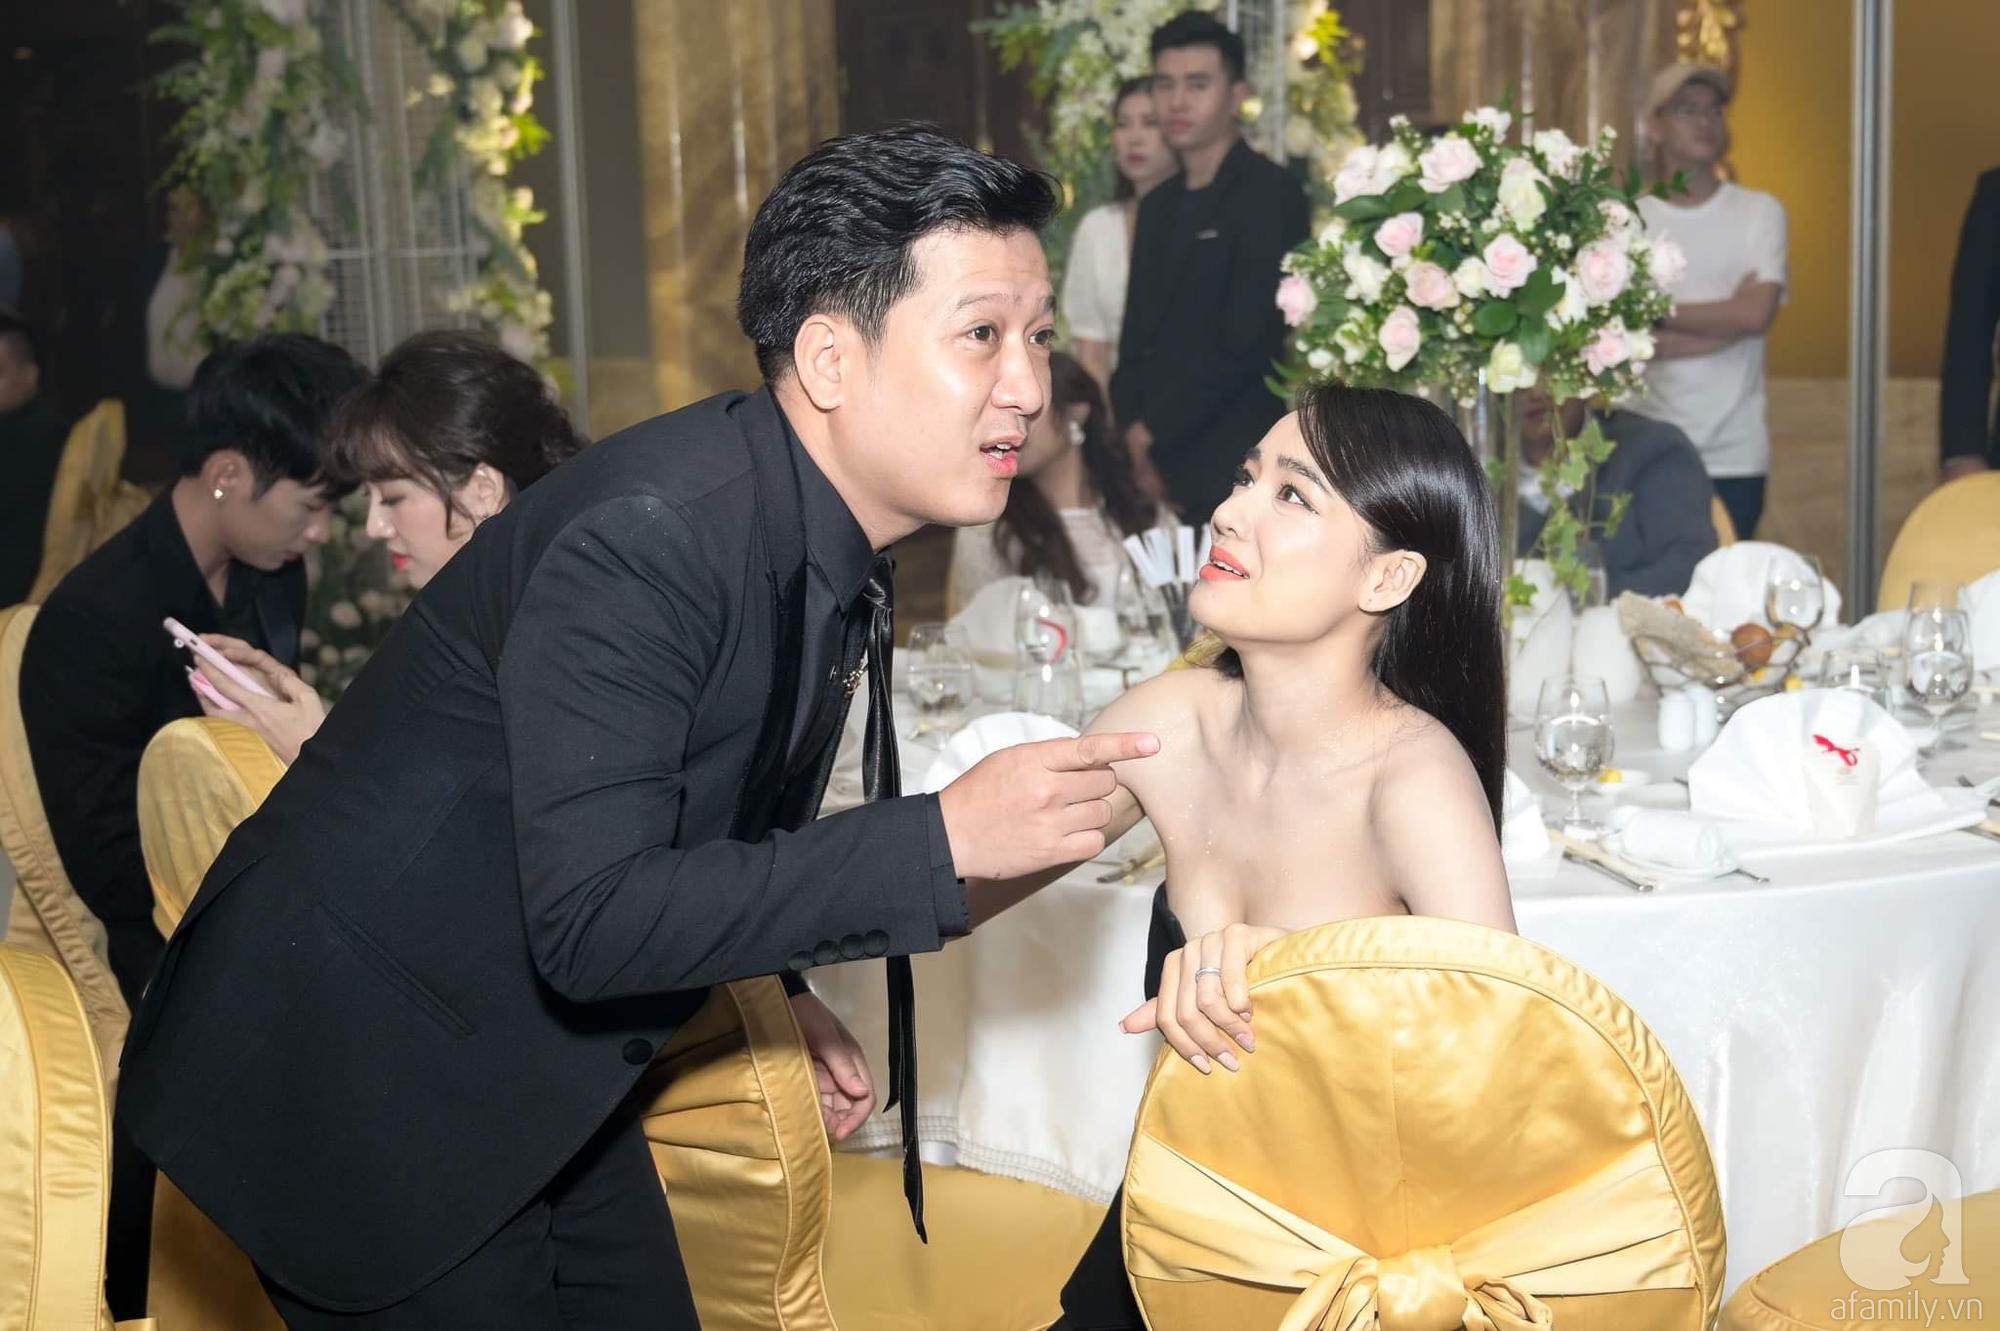 Thái độ khó hiểu của Nhã Phương, Hari Won khi đụng độ tại đám cưới 3